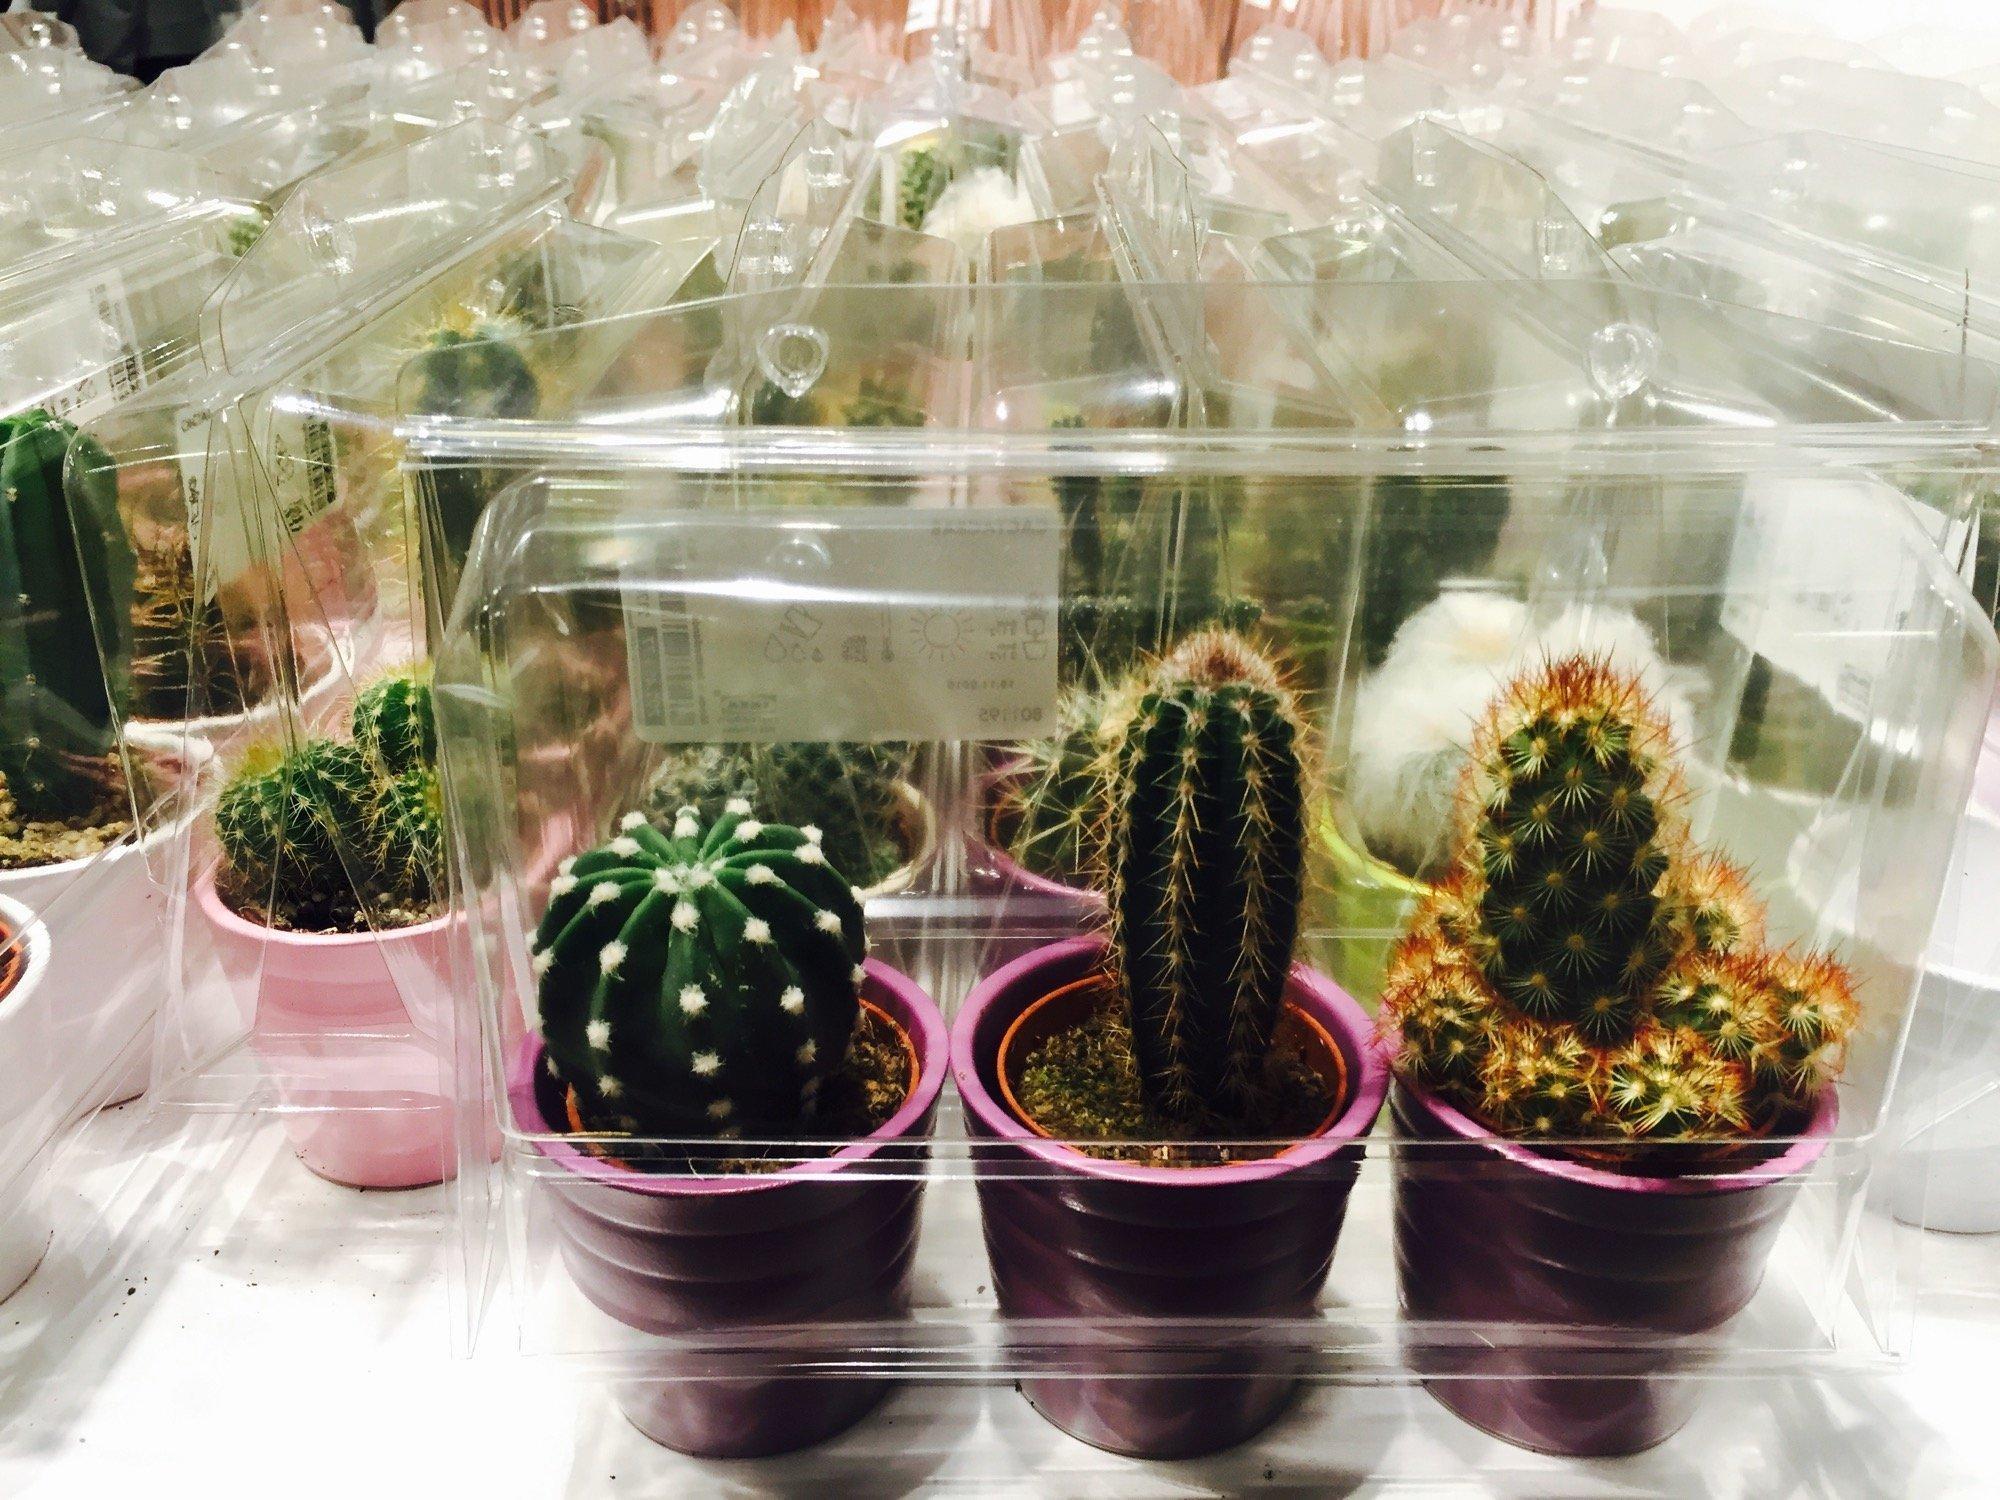 Viele kleine Kakteen in Blumentöpfen. Es sind immer drei Stück in einem durchsichtigen Plastikpaket.